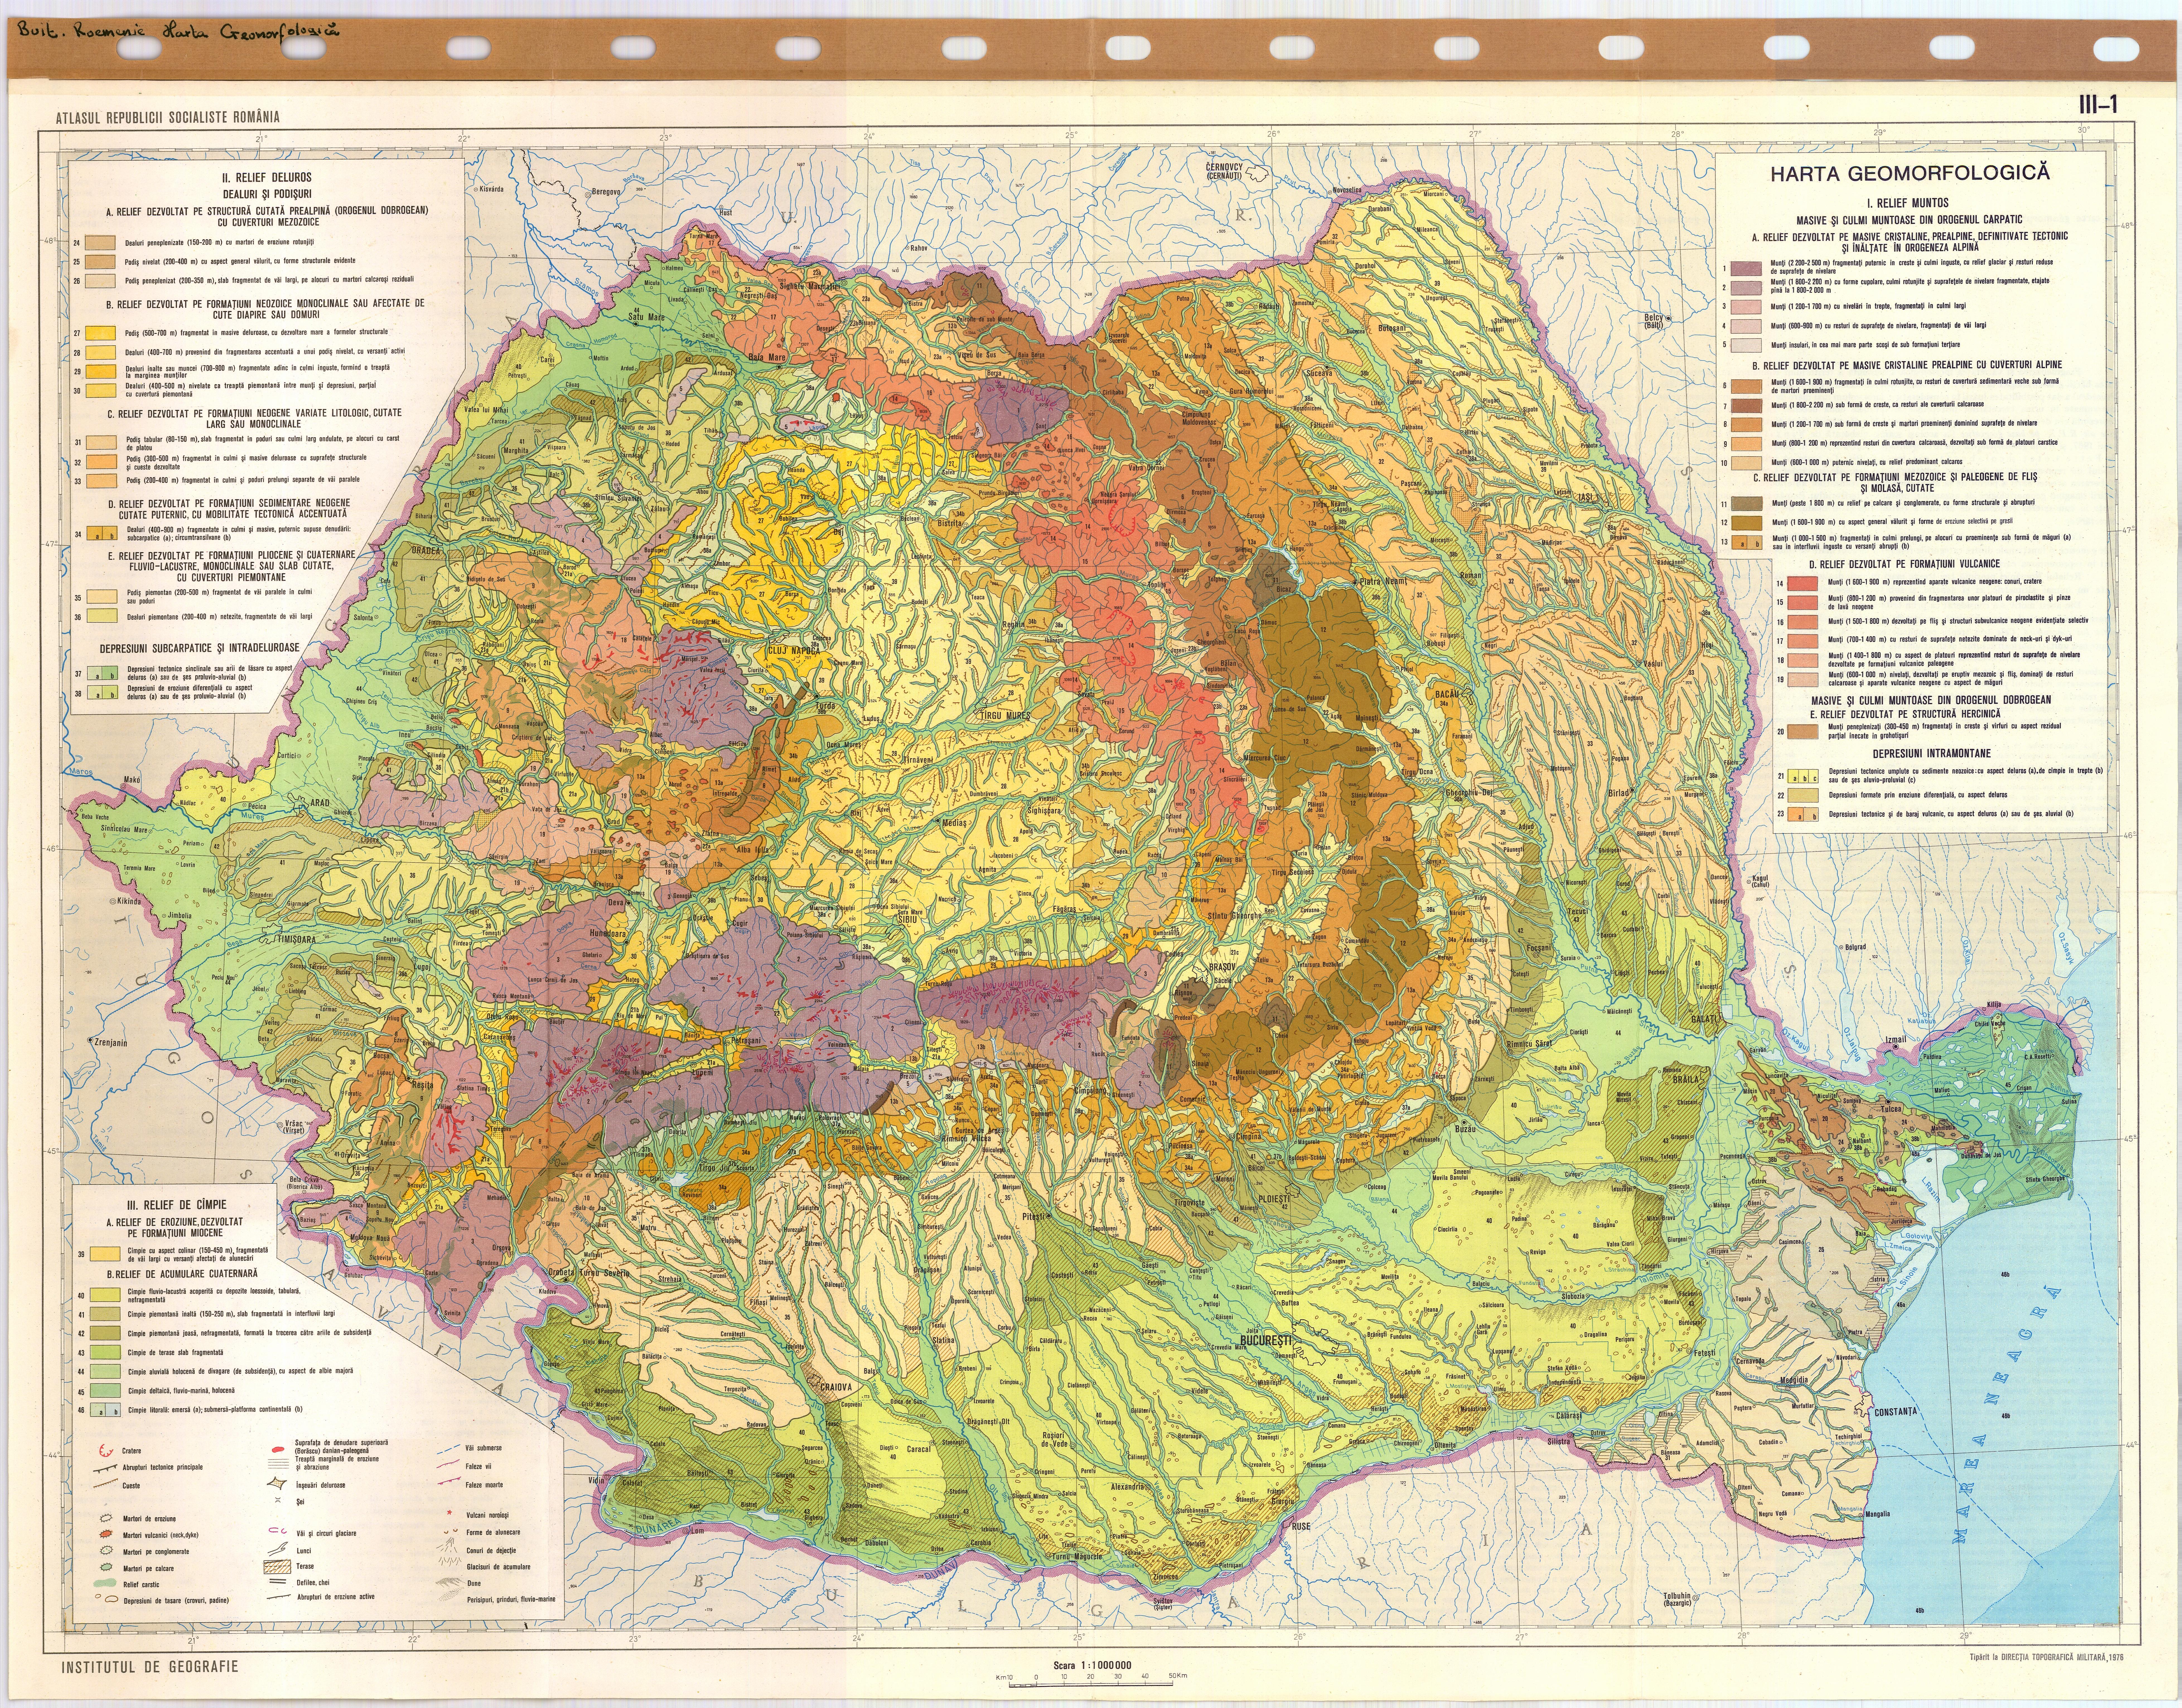 Atlasul Republicii Socialiste Romania Harta Geomorfologica Iii